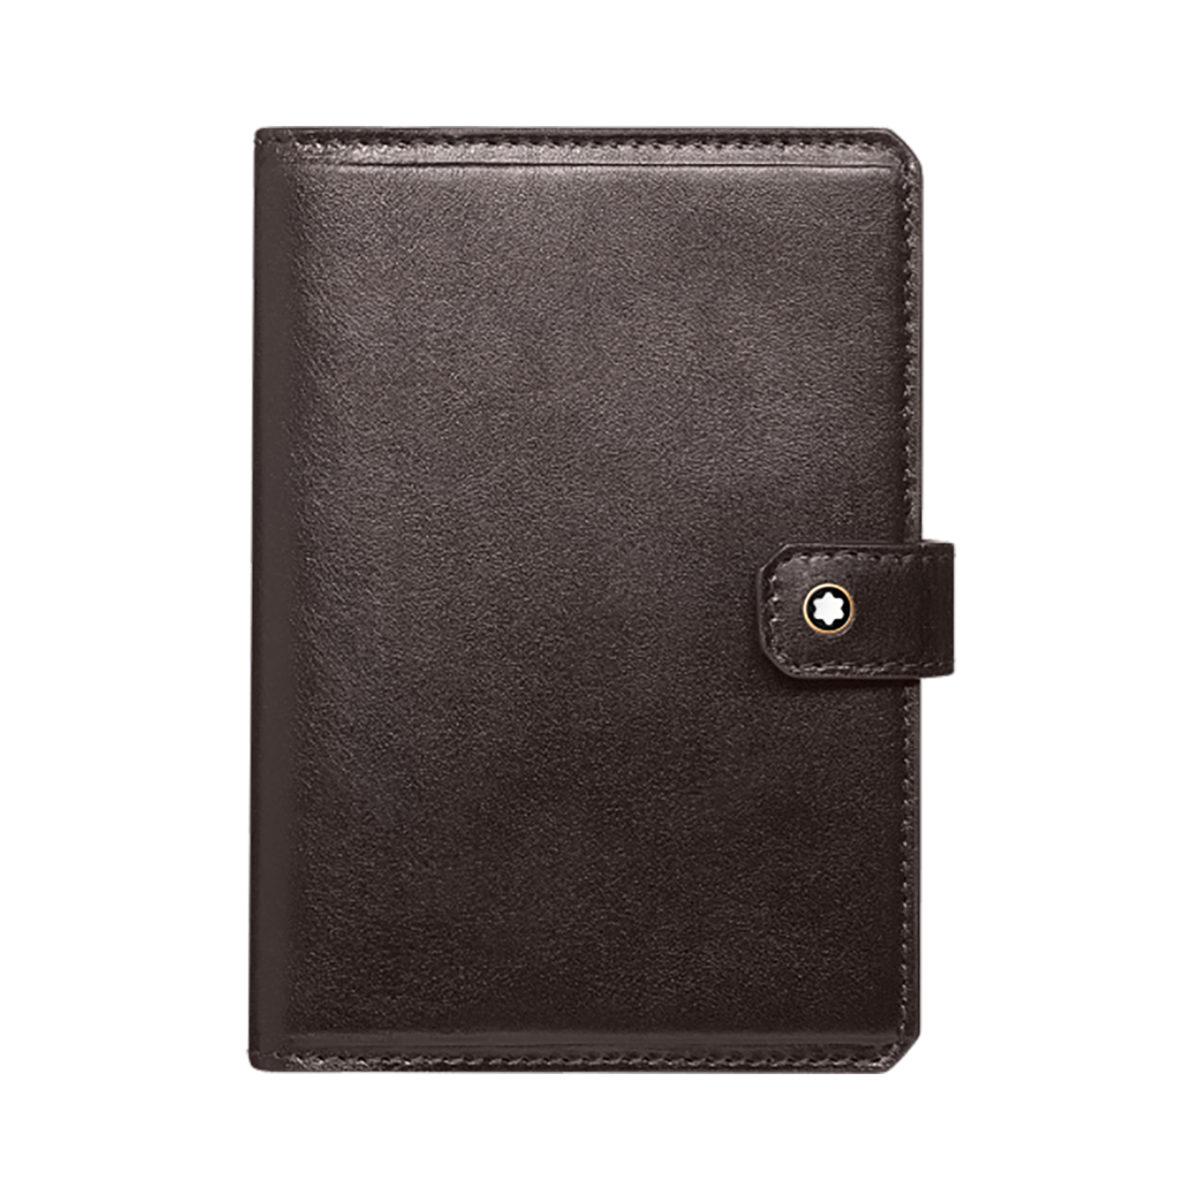 116824 — Montblanc 1926 Mb Heritage Passporthold Dark Brown